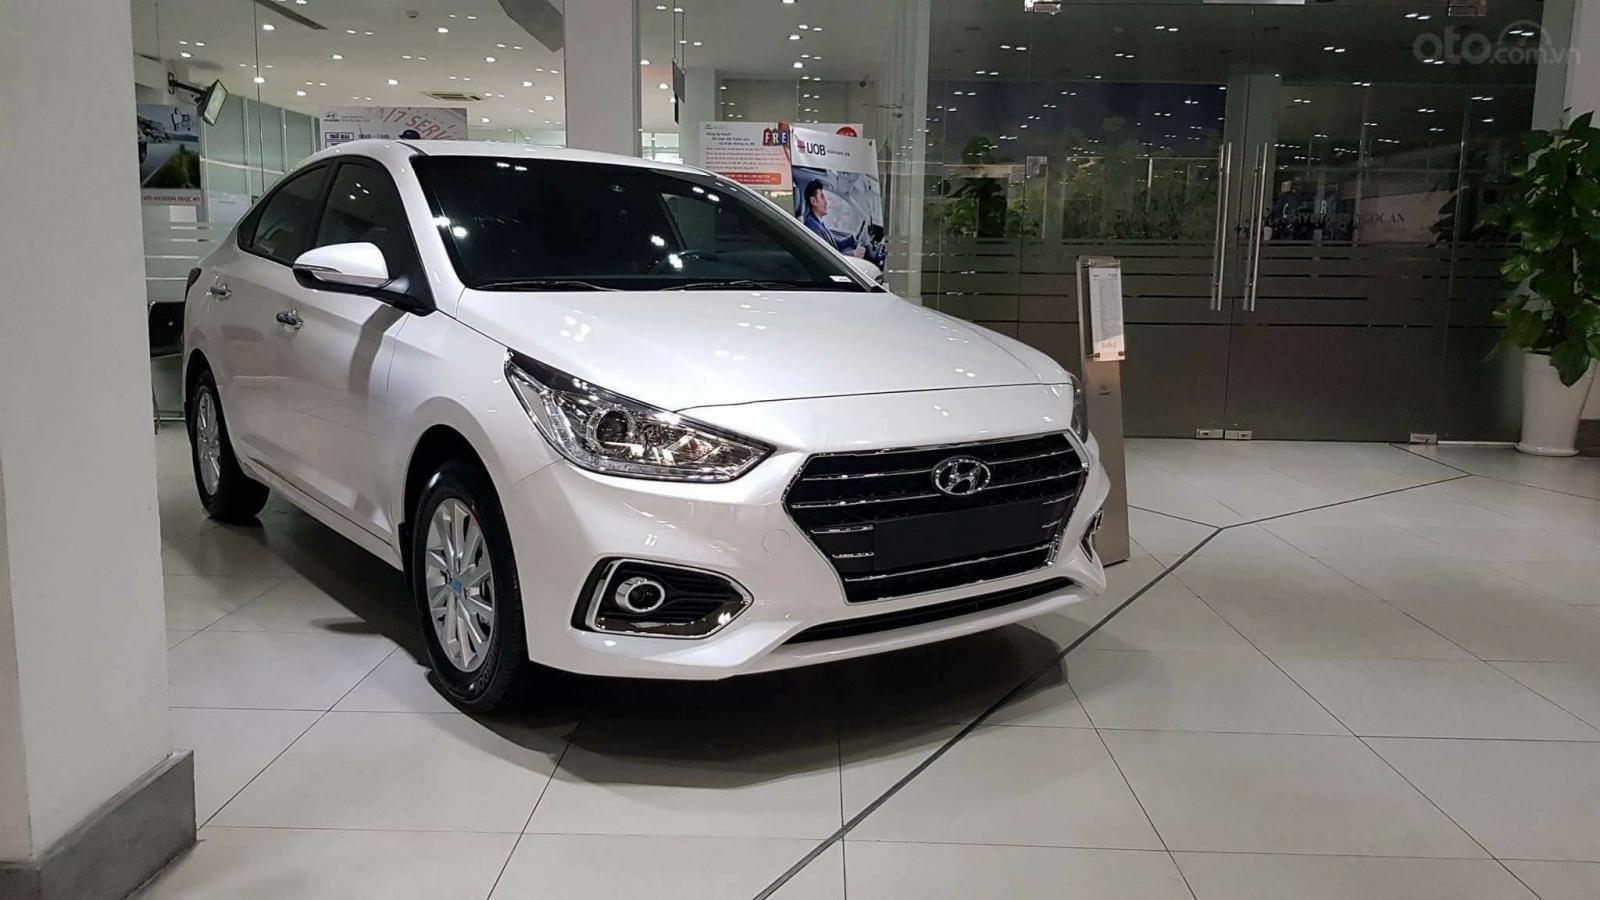 Hyundai Accent - giá ưu đãi - khuyến mãi cực nhiều- đủ màu- giao ngay - chỉ 130tr có xe - LH 0909862412-5